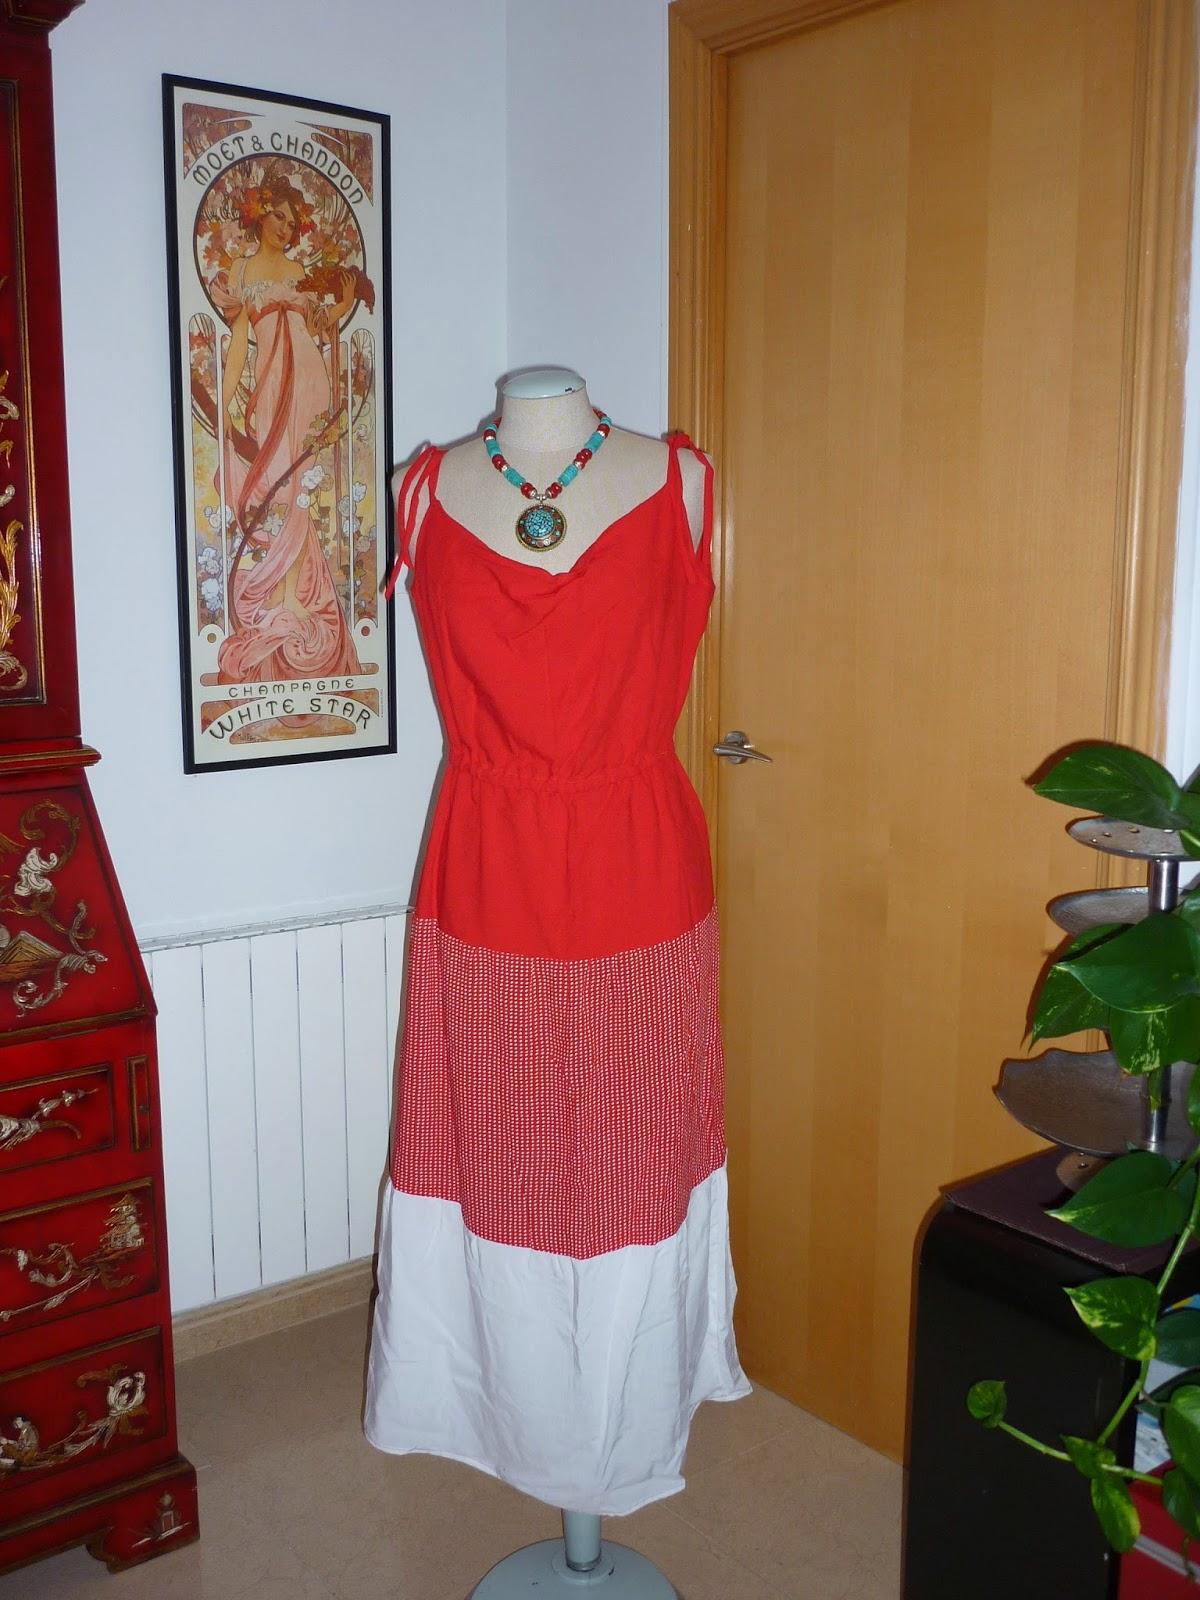 vestido burda 119 julio 2014 07/2014 dress volantes rojo y blanco san fermin modistilla de pacotilla rums